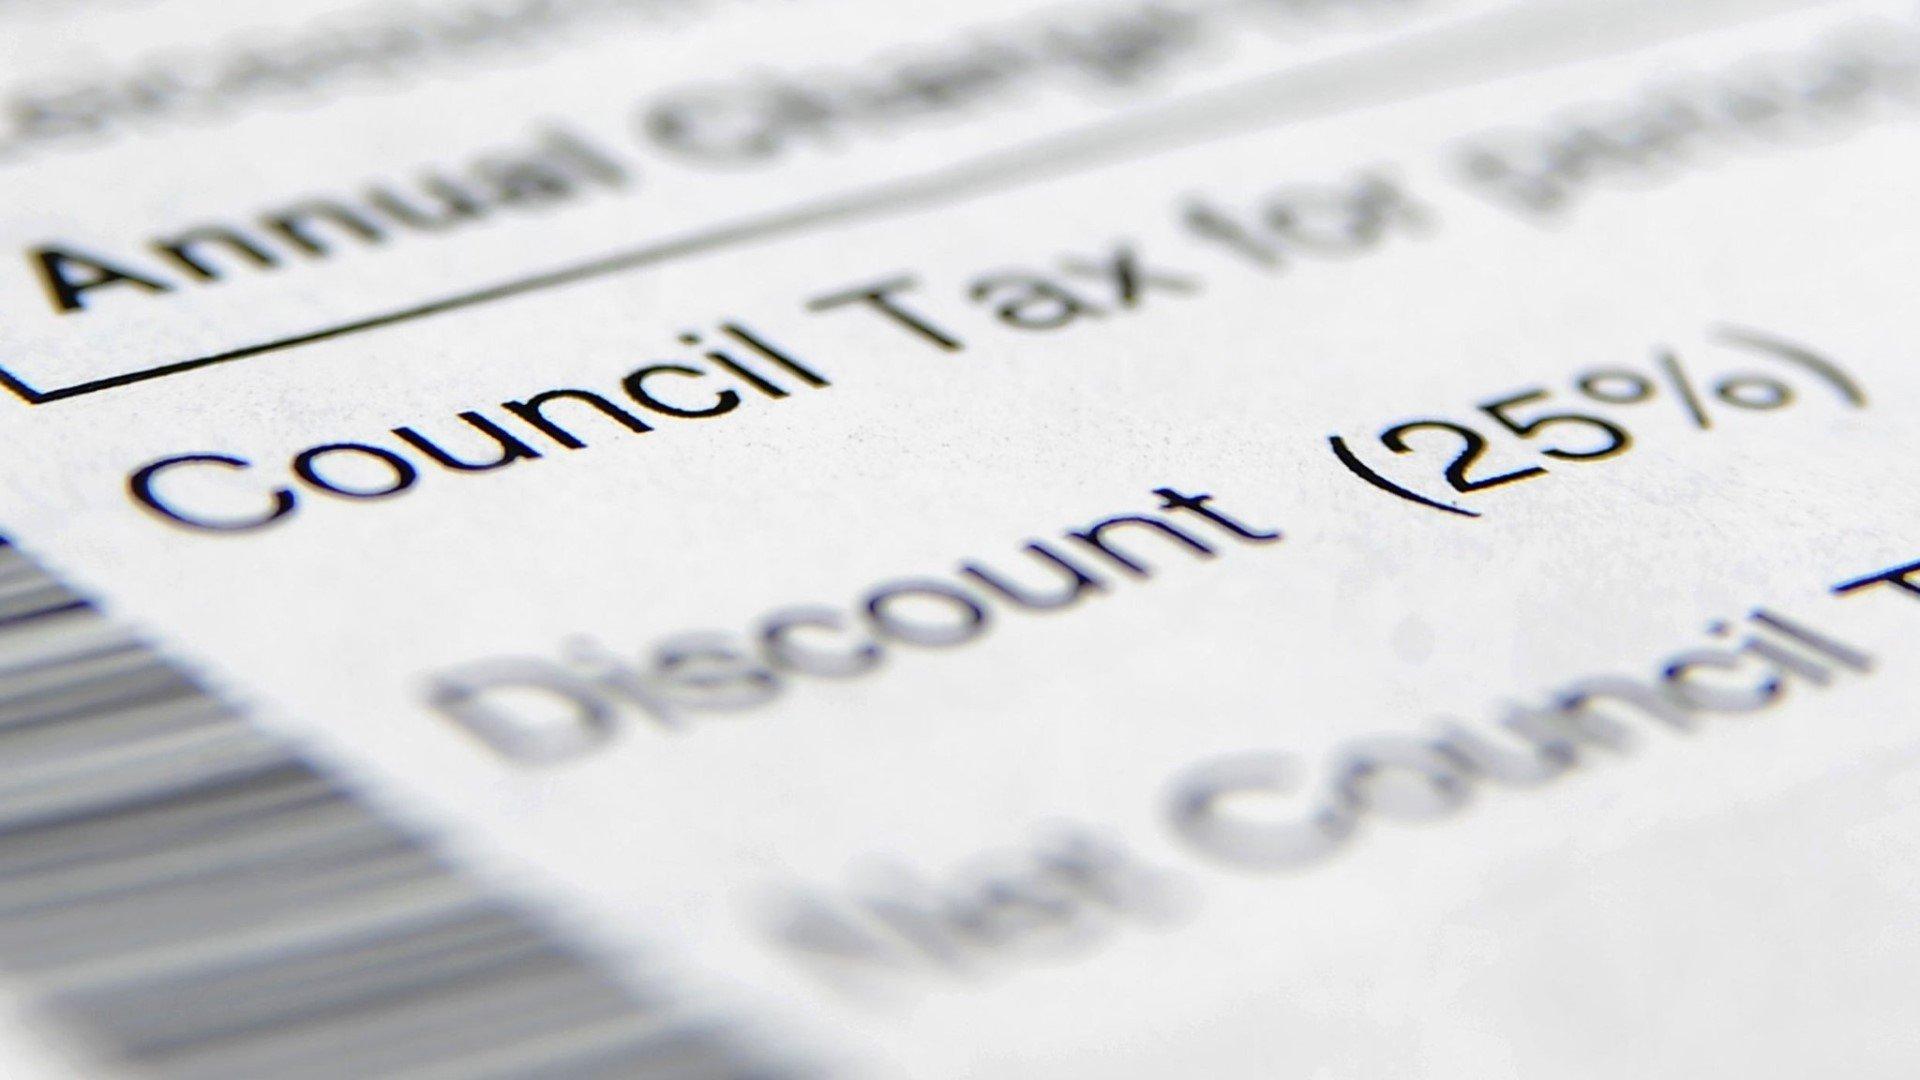 Oxford City Council public consultation on council tax reduction (CTR) scheme